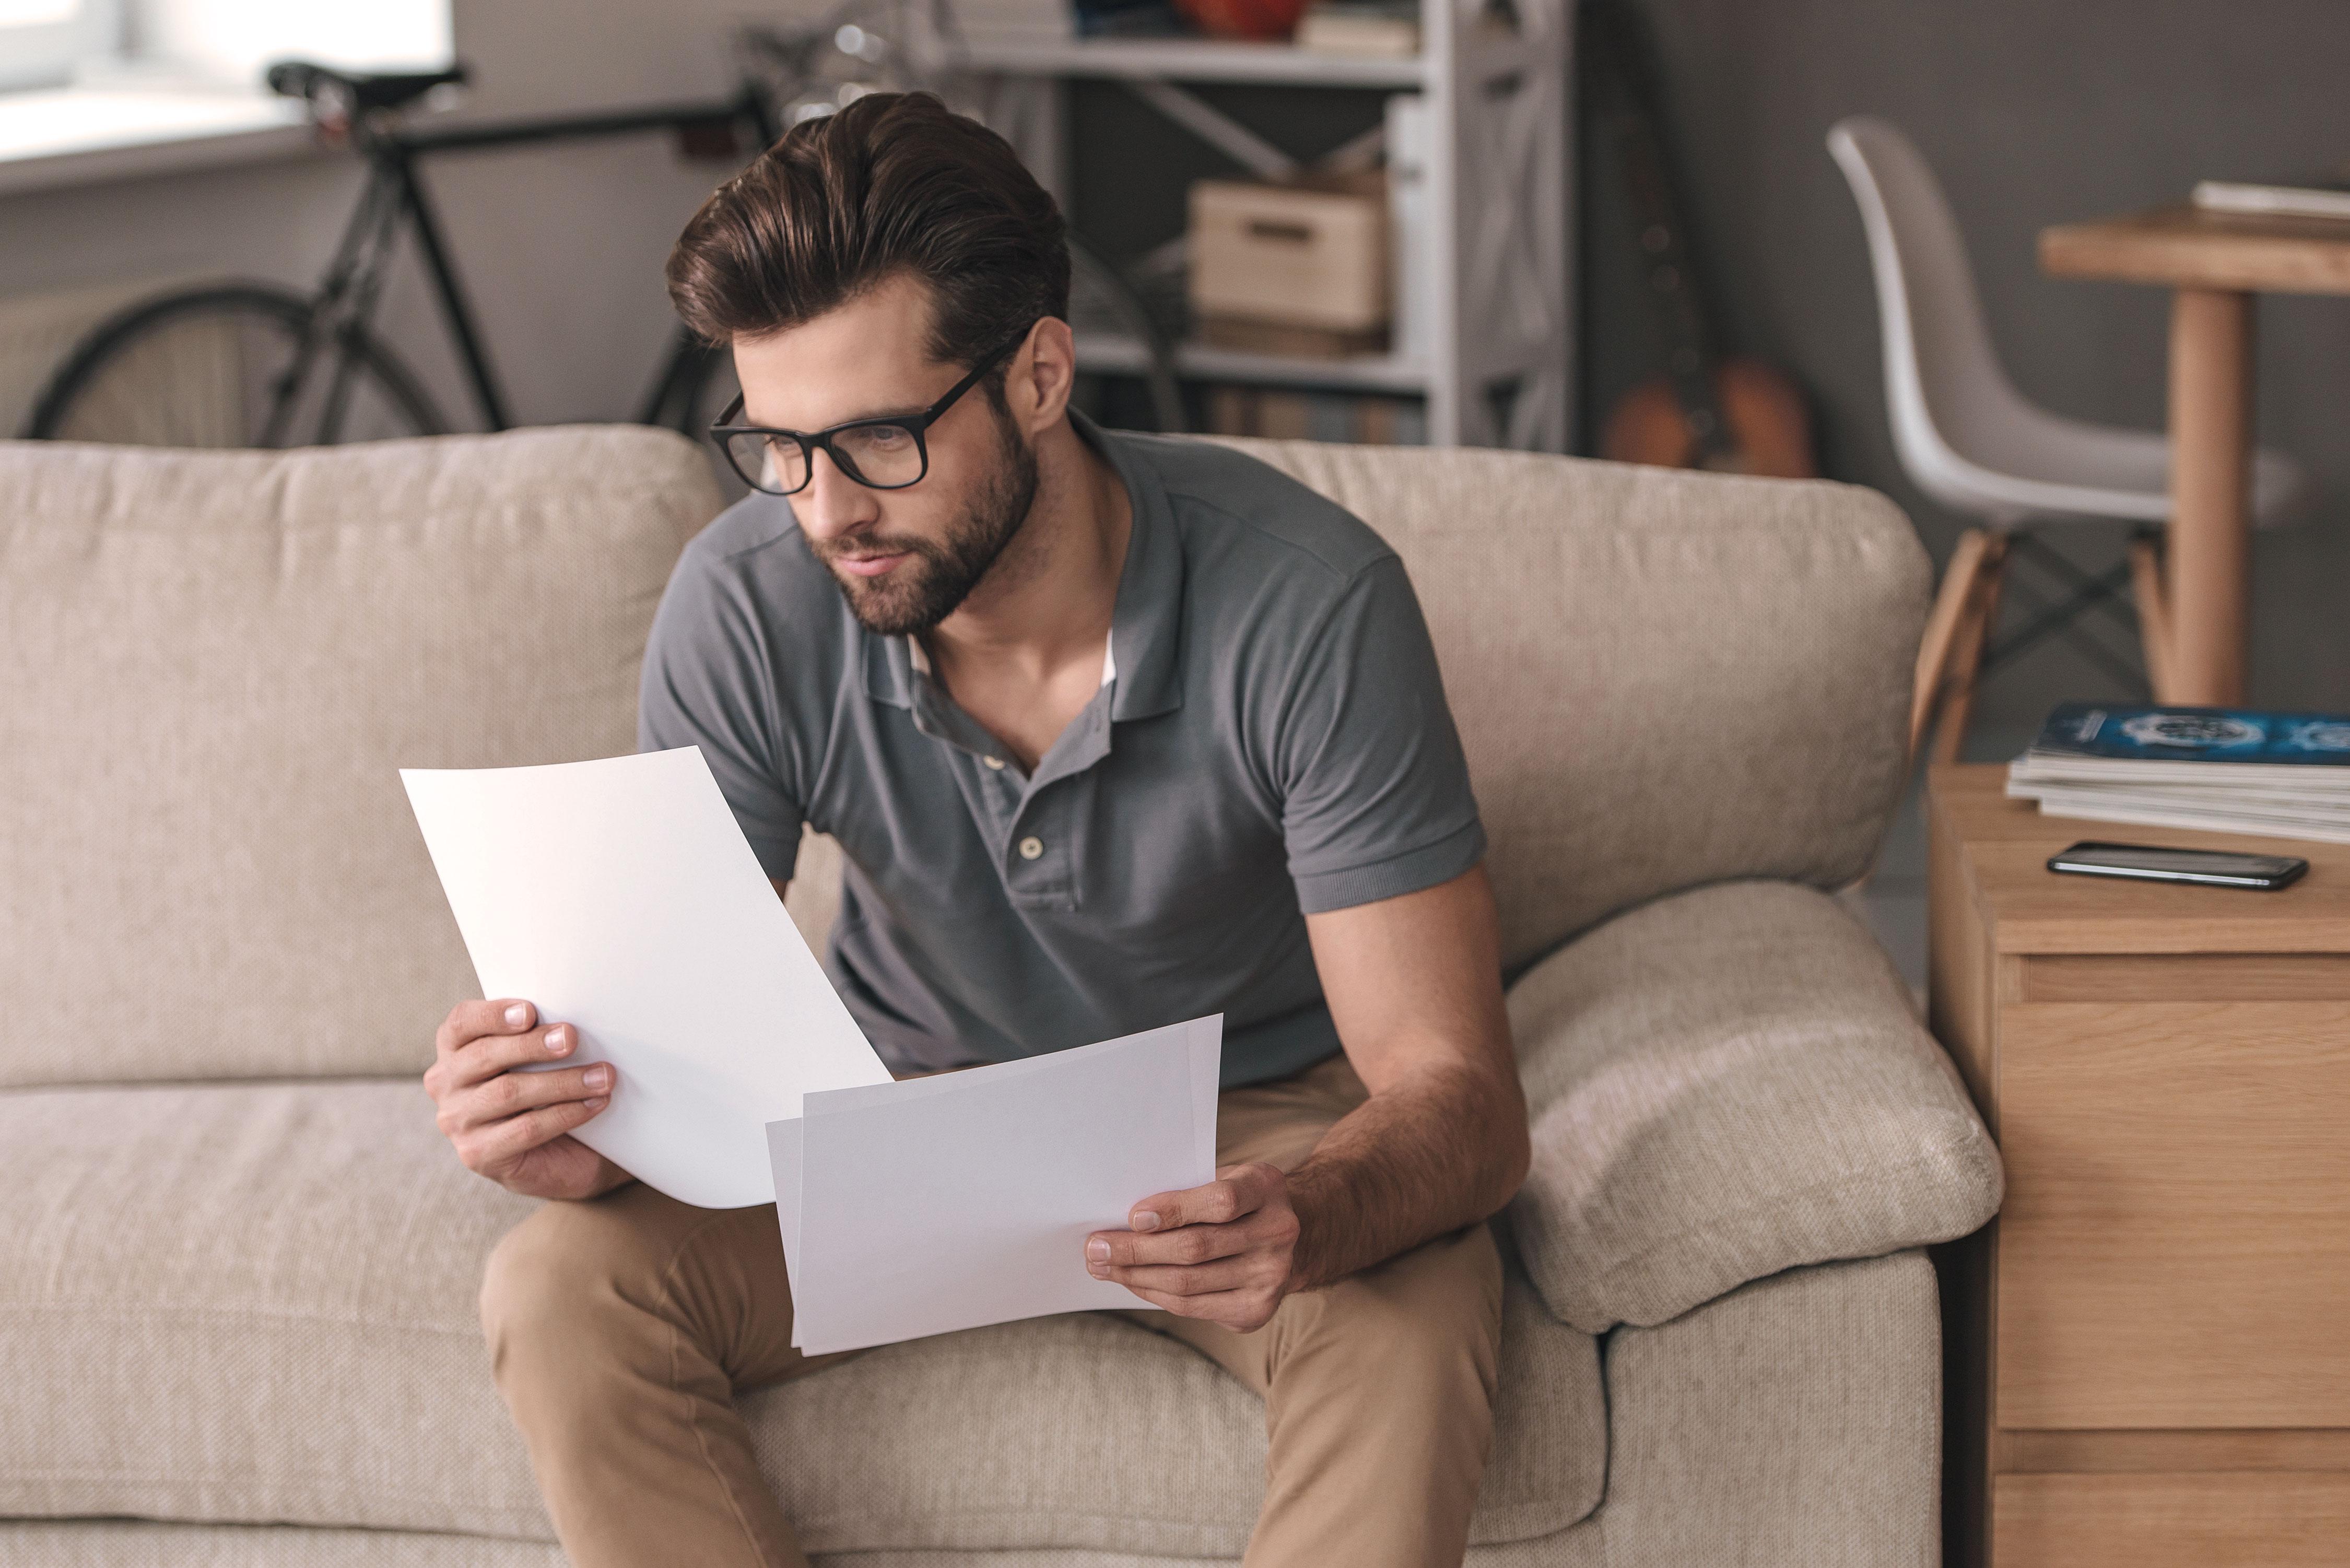 warum stehen jüngere männer auf ältere frauen